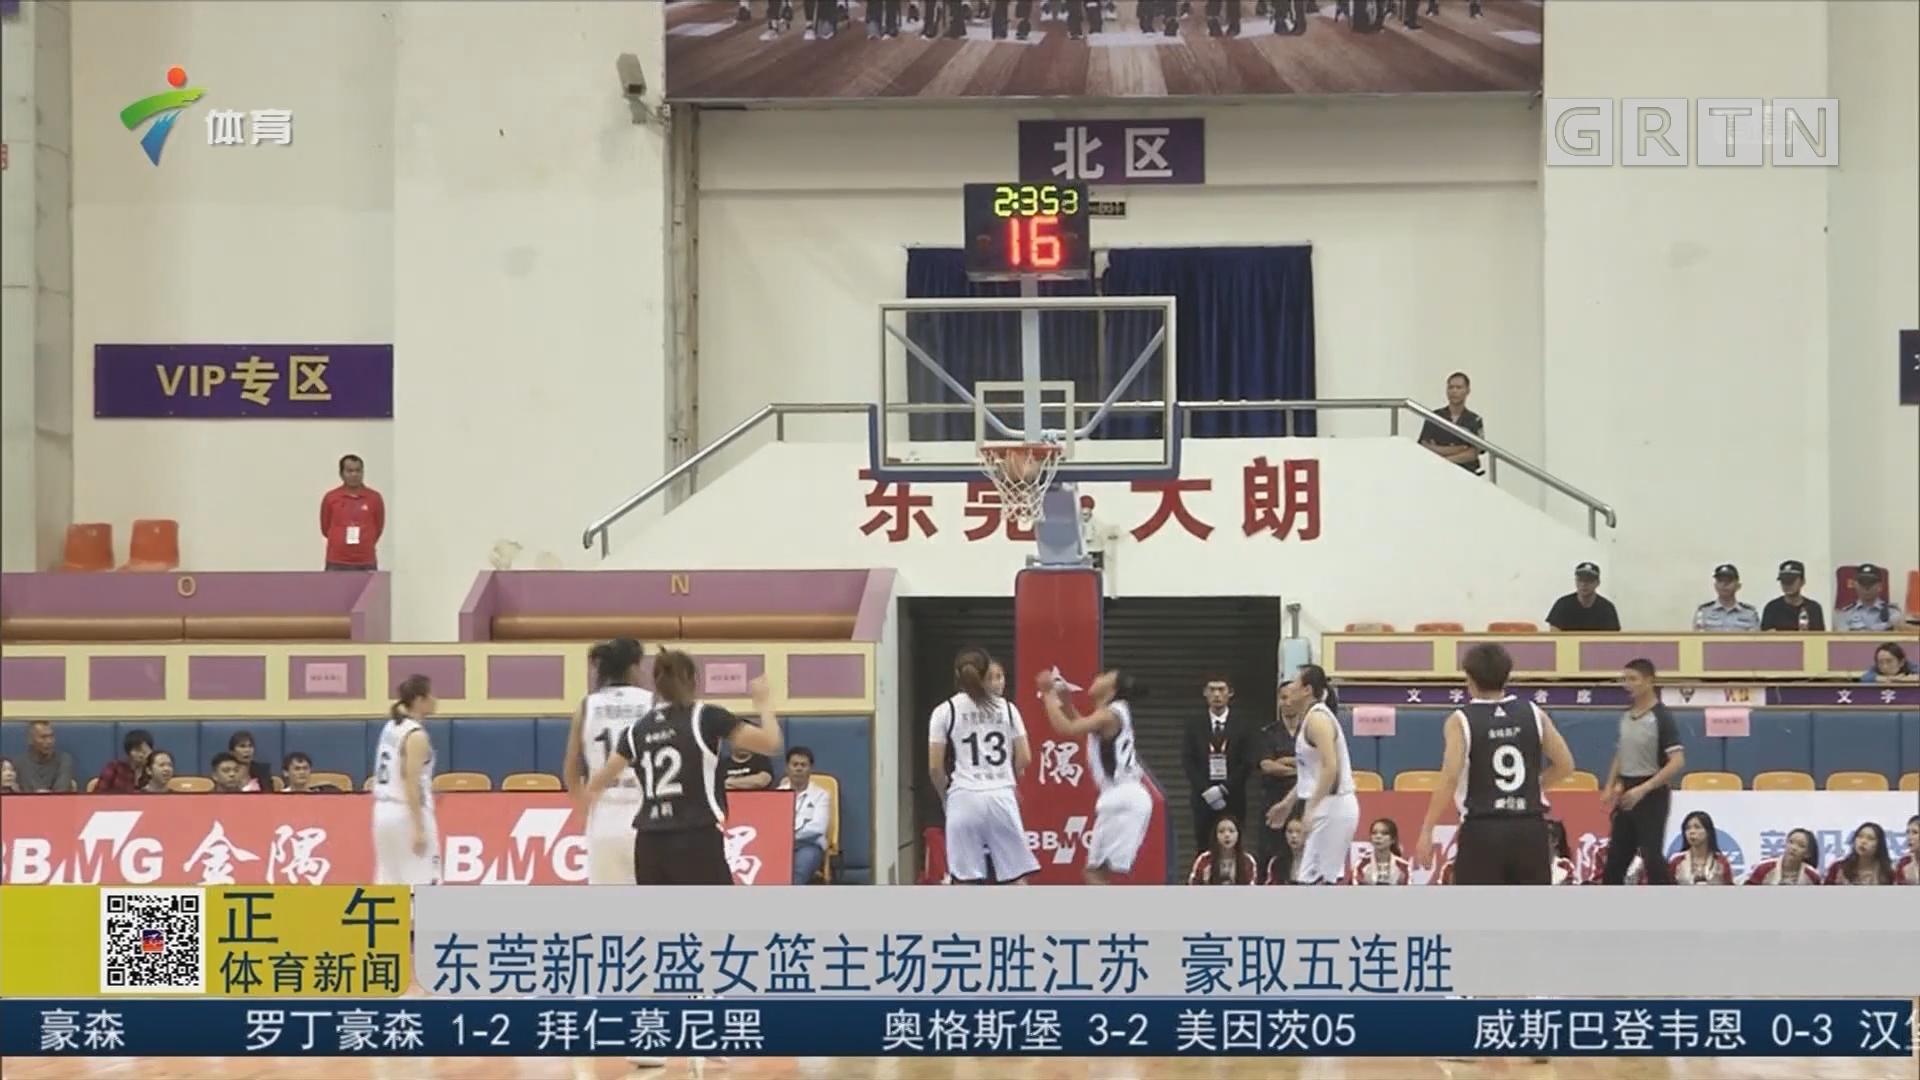 东莞新彤盛女篮主场完胜江苏 豪取五连胜